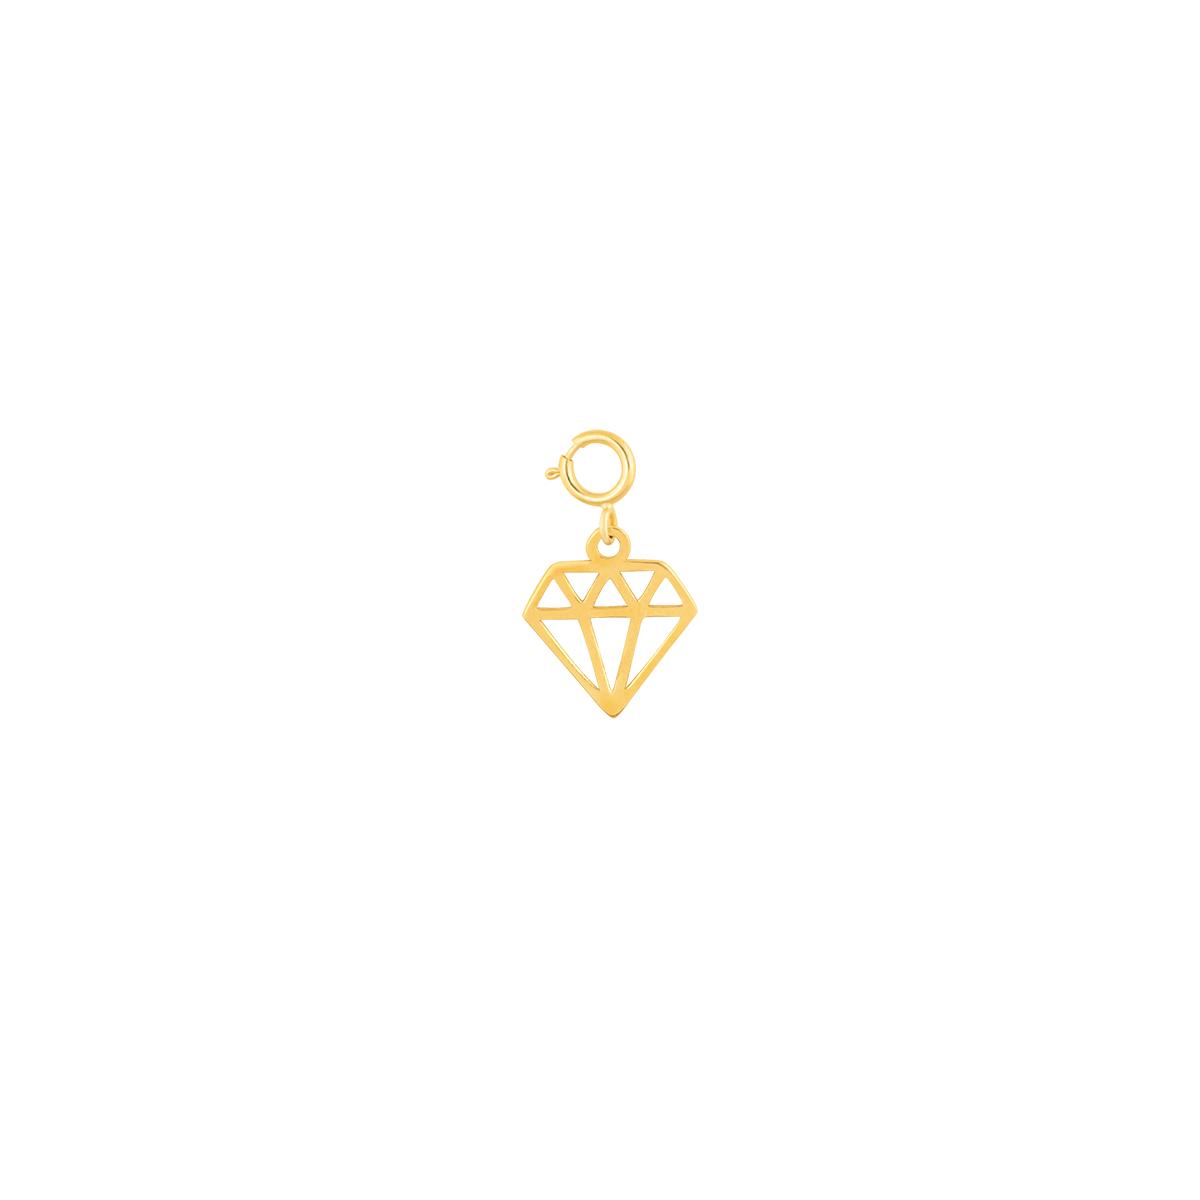 آویز طلا الماس پرسته